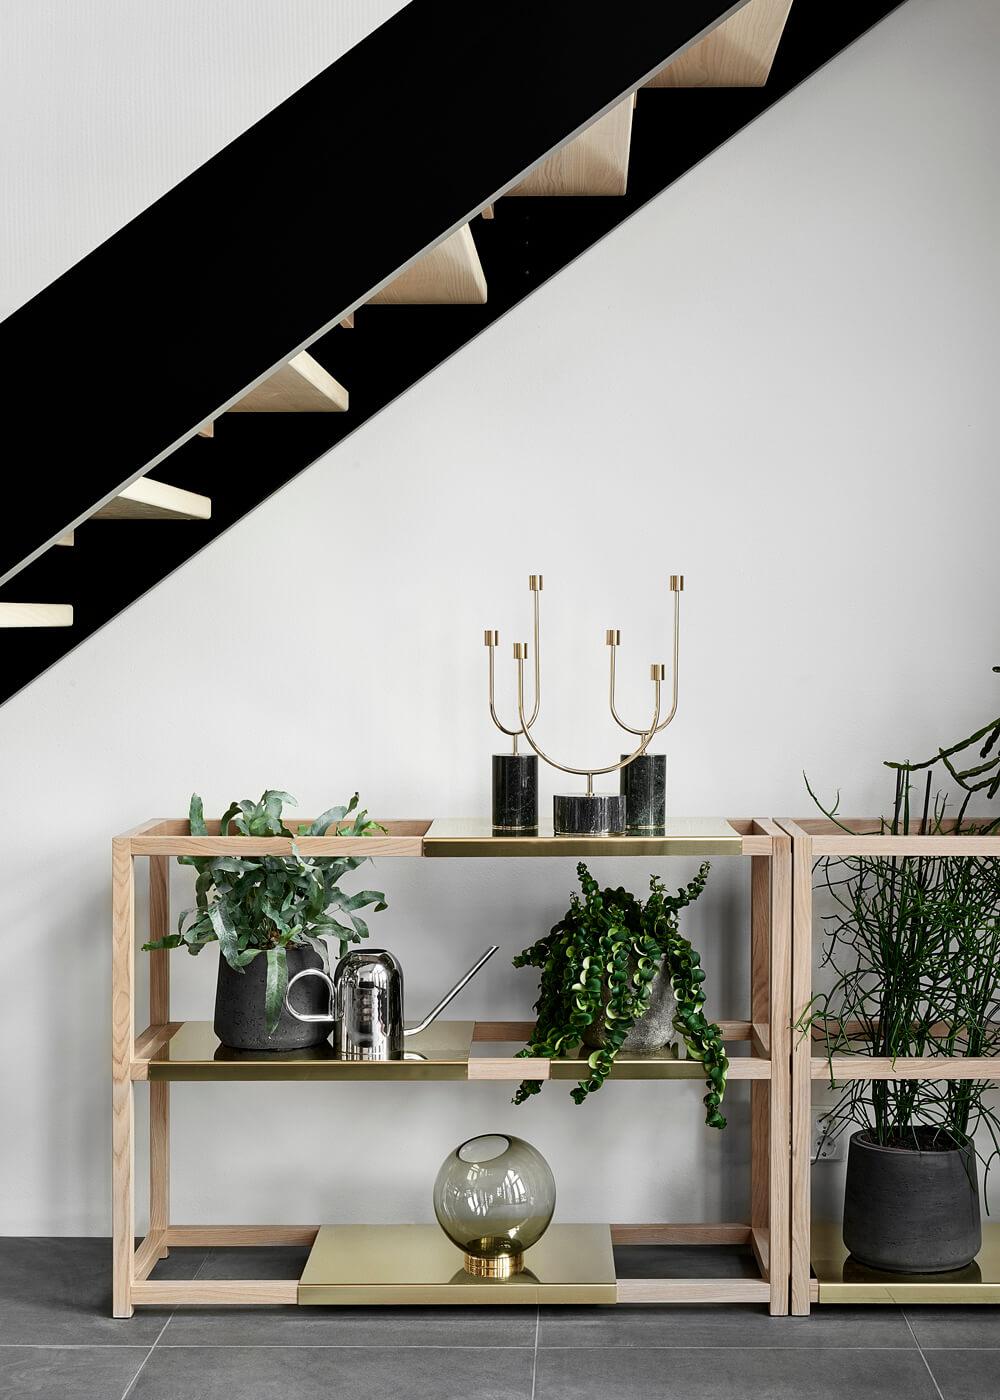 Escalier moderne acier et bois